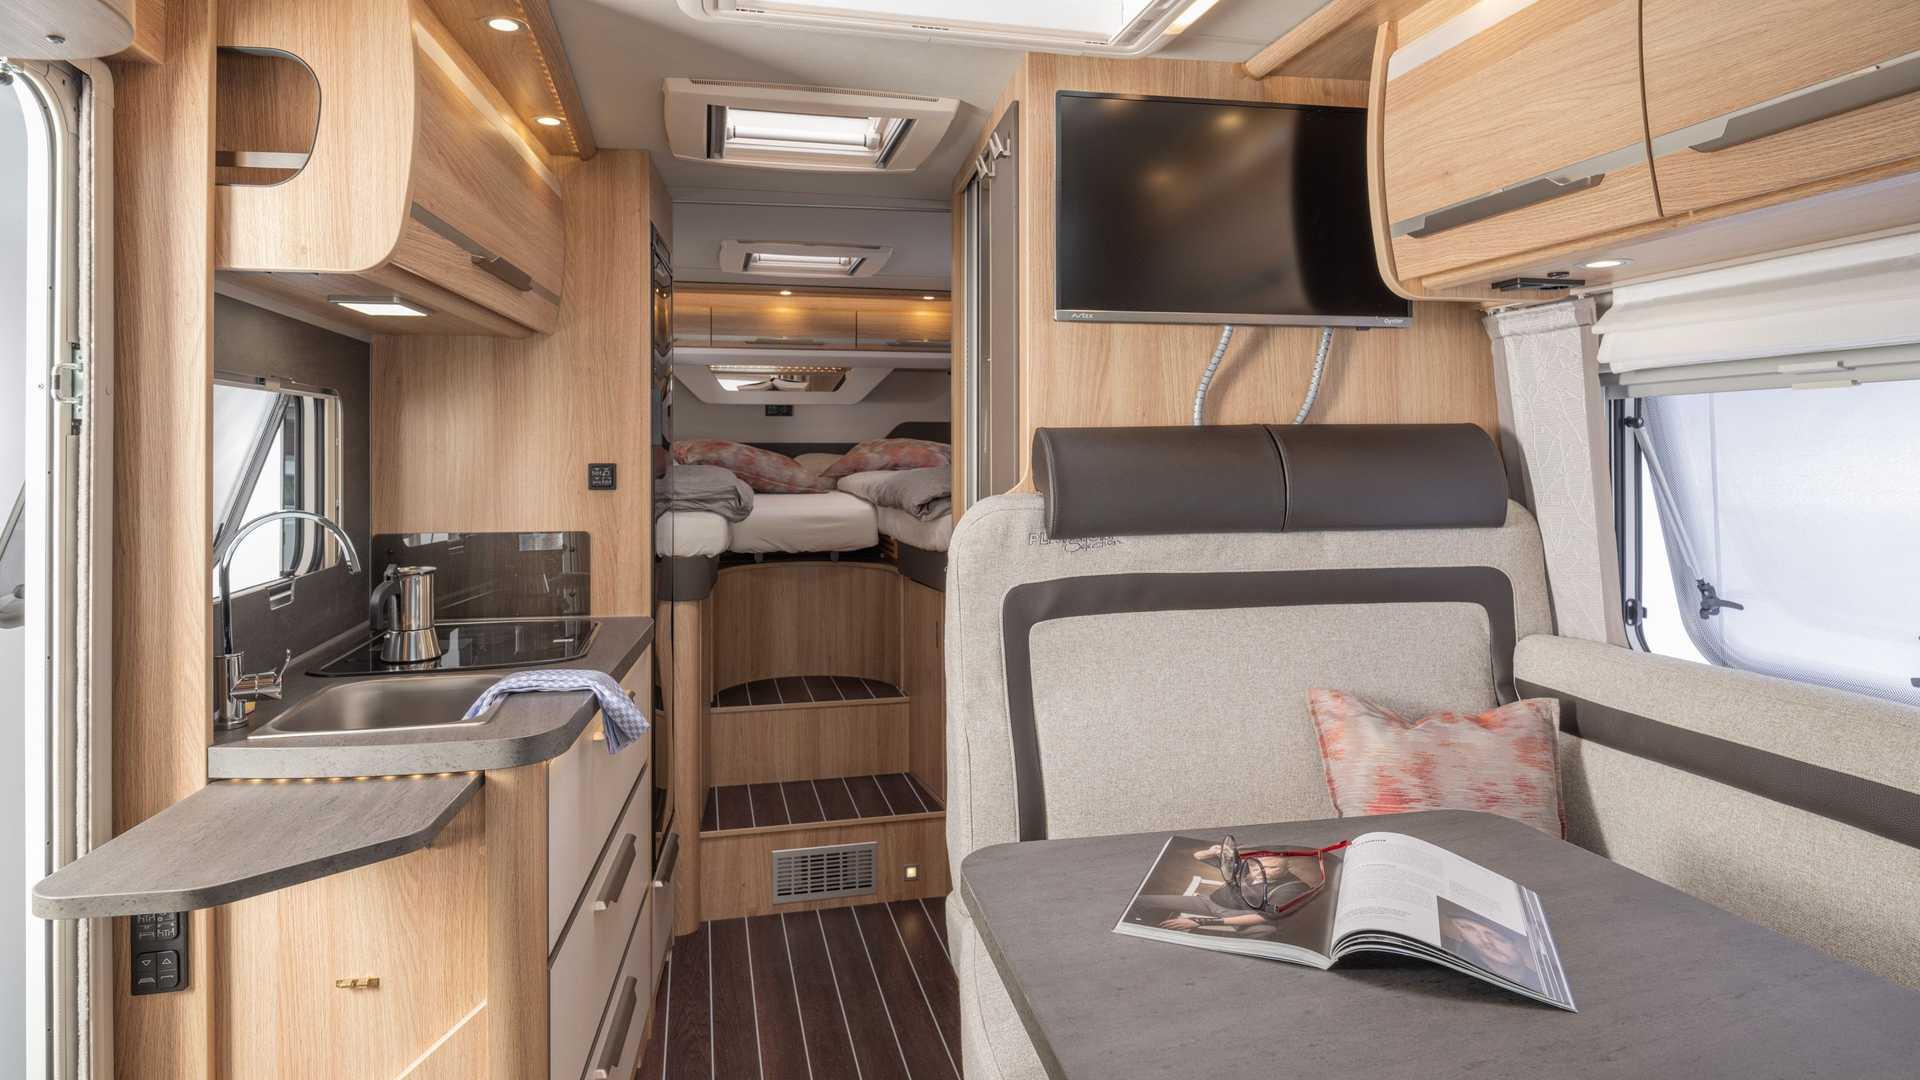 knaus-e.-power-drive-ev-motorhome-interior-living-area.jpg